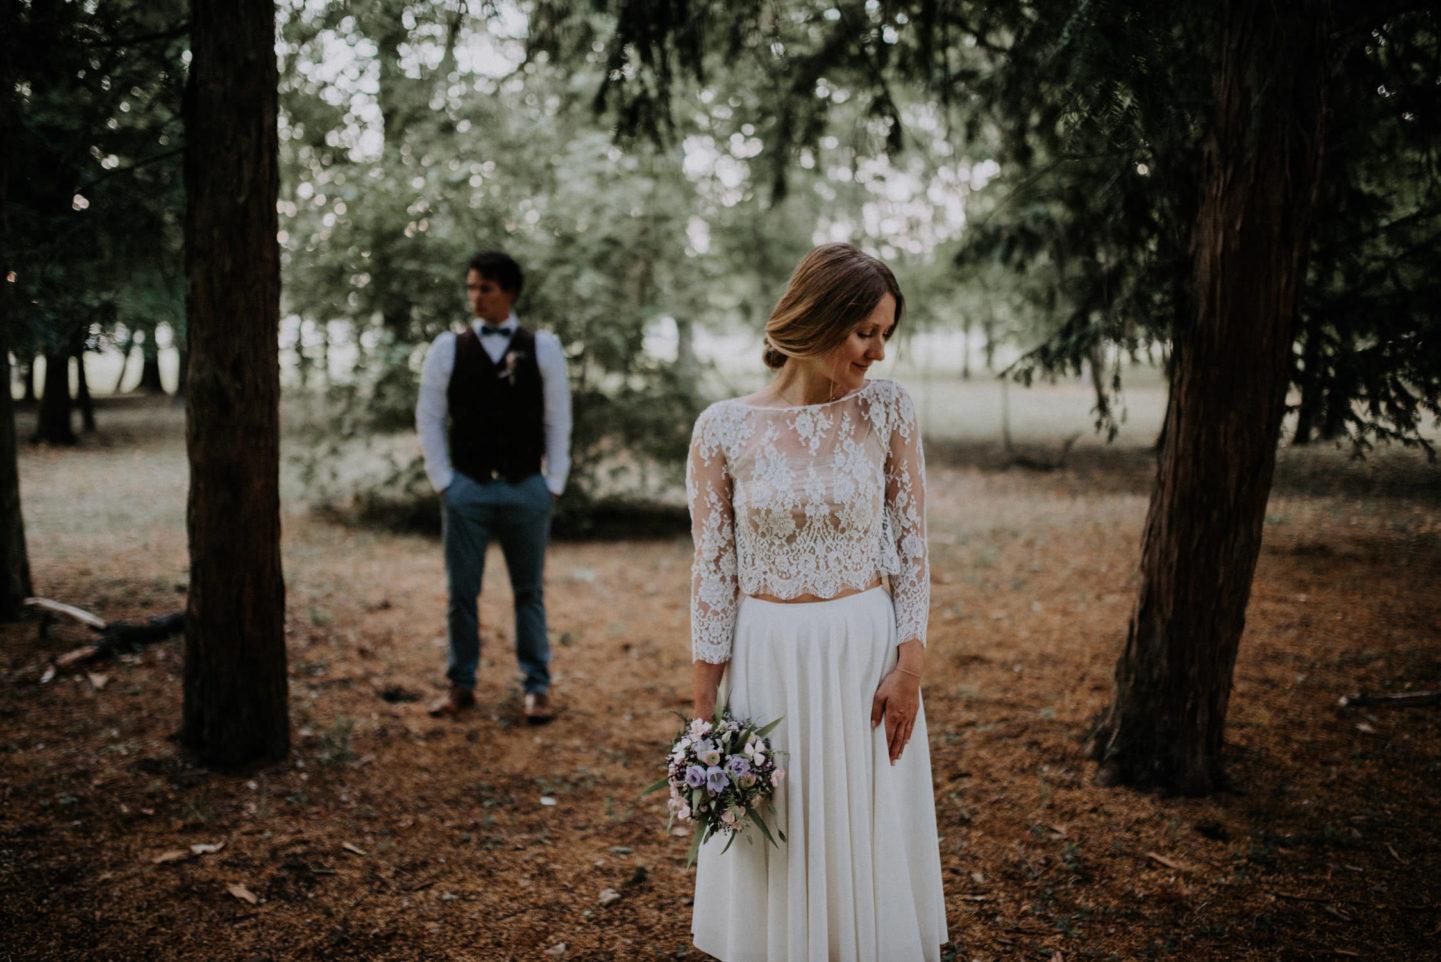 Bester Hochzeitsfotograf Bern